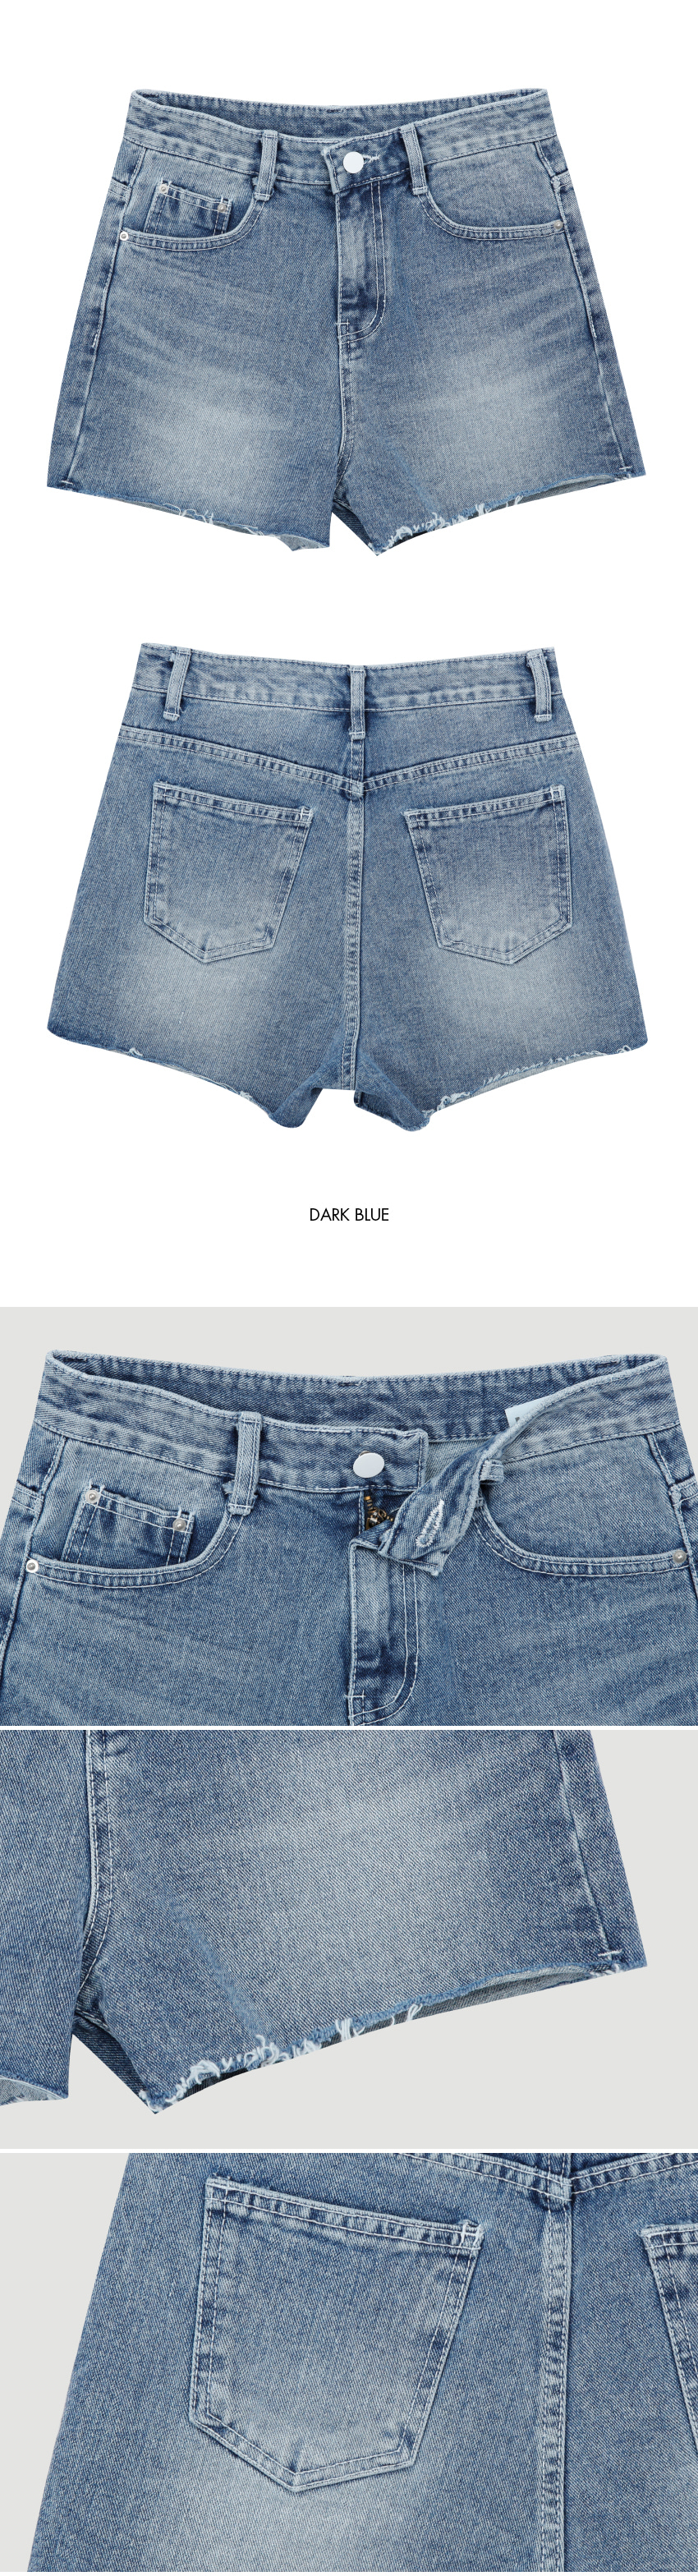 1327 Daily Washing Short Pants